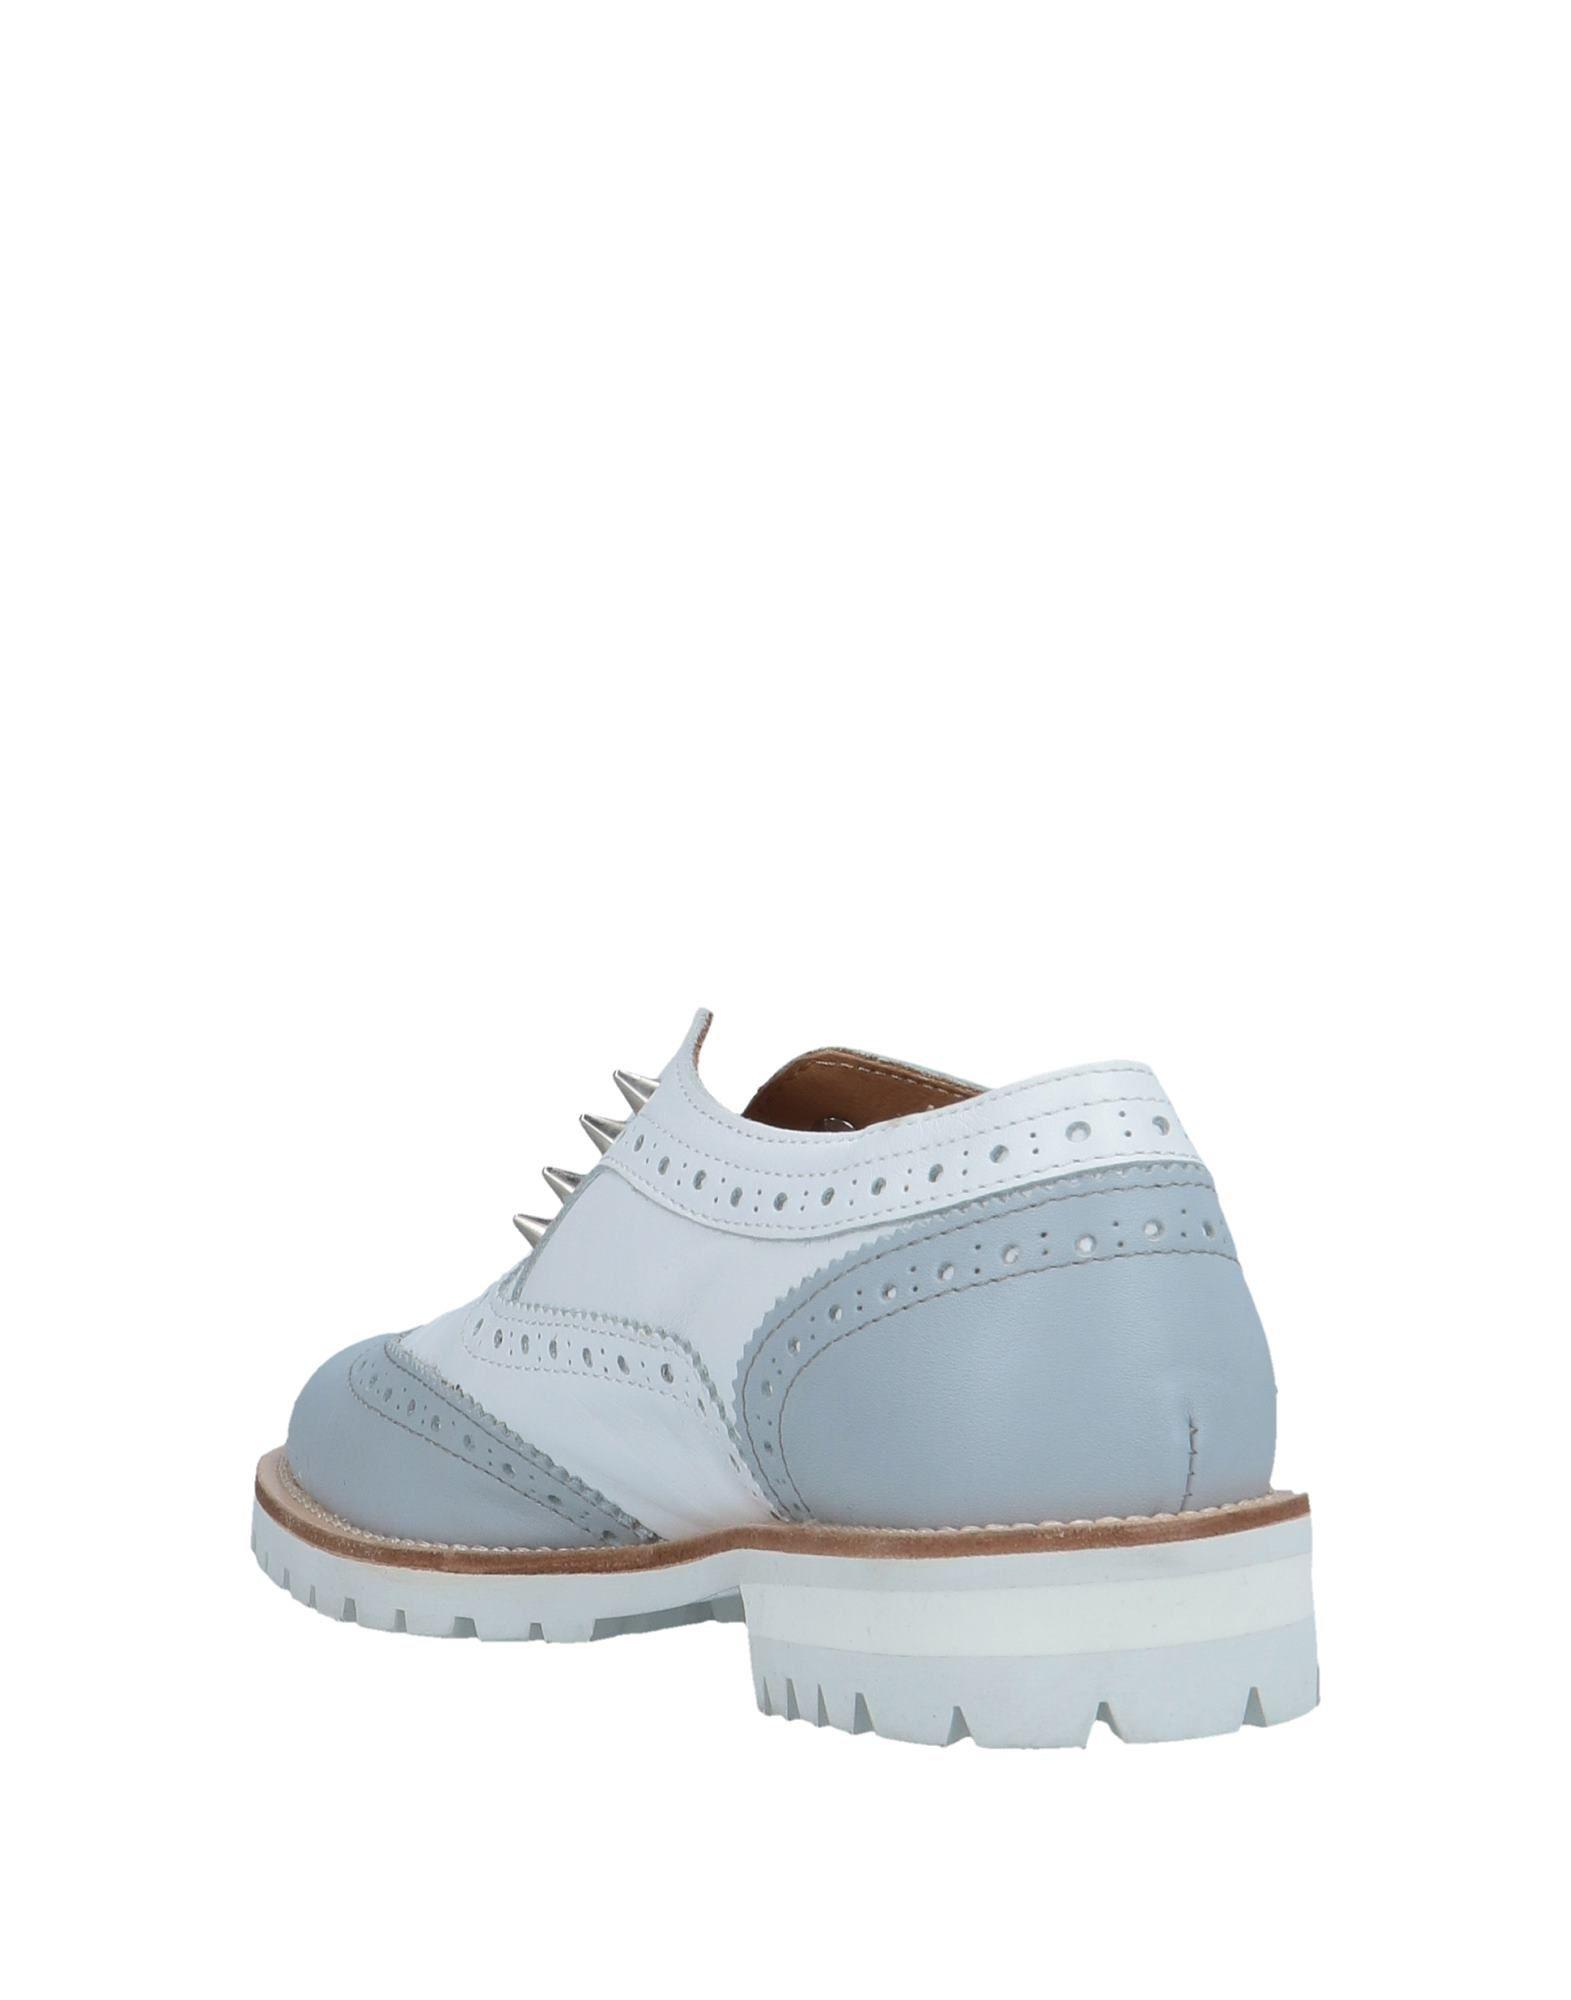 l & # 39; f chaussures mocassins - femmes femmes femmes l & # 39; f chaussures des mocassins en ligne sur l'australie - 11575517jh 68e392